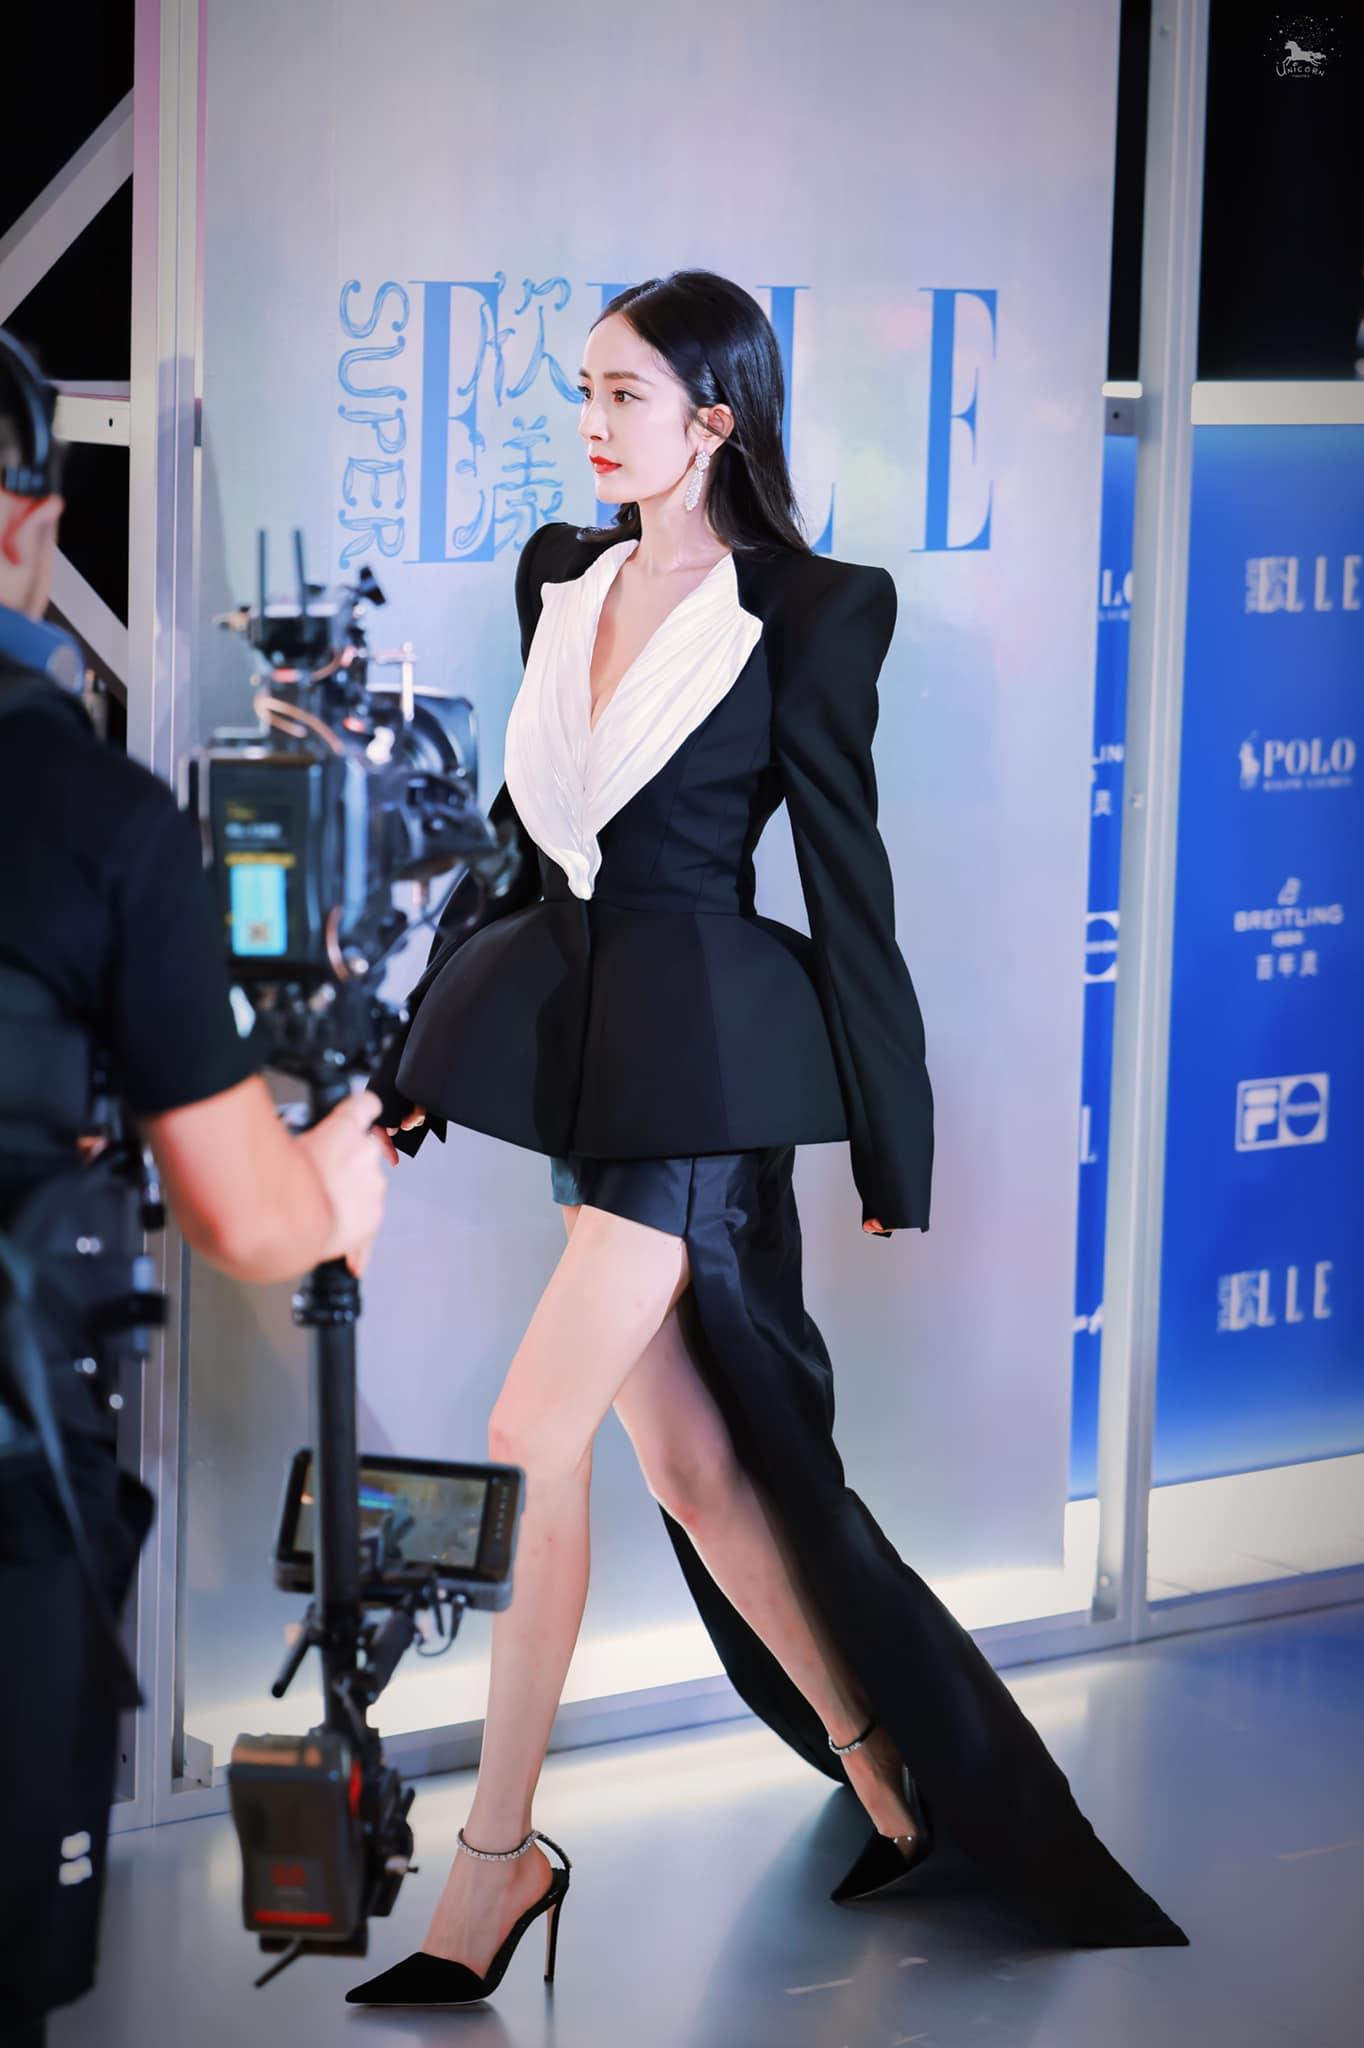 Dương Mịch thành Nữ hoàng thảm đỏ khi sải bước trong sự kiện với bộ đầm của thương hiệu . Thân hình mình dây, đôi chân thẳng tắp giúp cô ghi điểm trước truyền thông. Dương Mịch hiện là ngôi sao hot nhất nhì showbiz Trung Quốc. Tên tuổi của cô liên tục thăng hạng từ sau ly hôn, cộng với thái độ làm việc nghiêm túc, chuyên nghiệp.